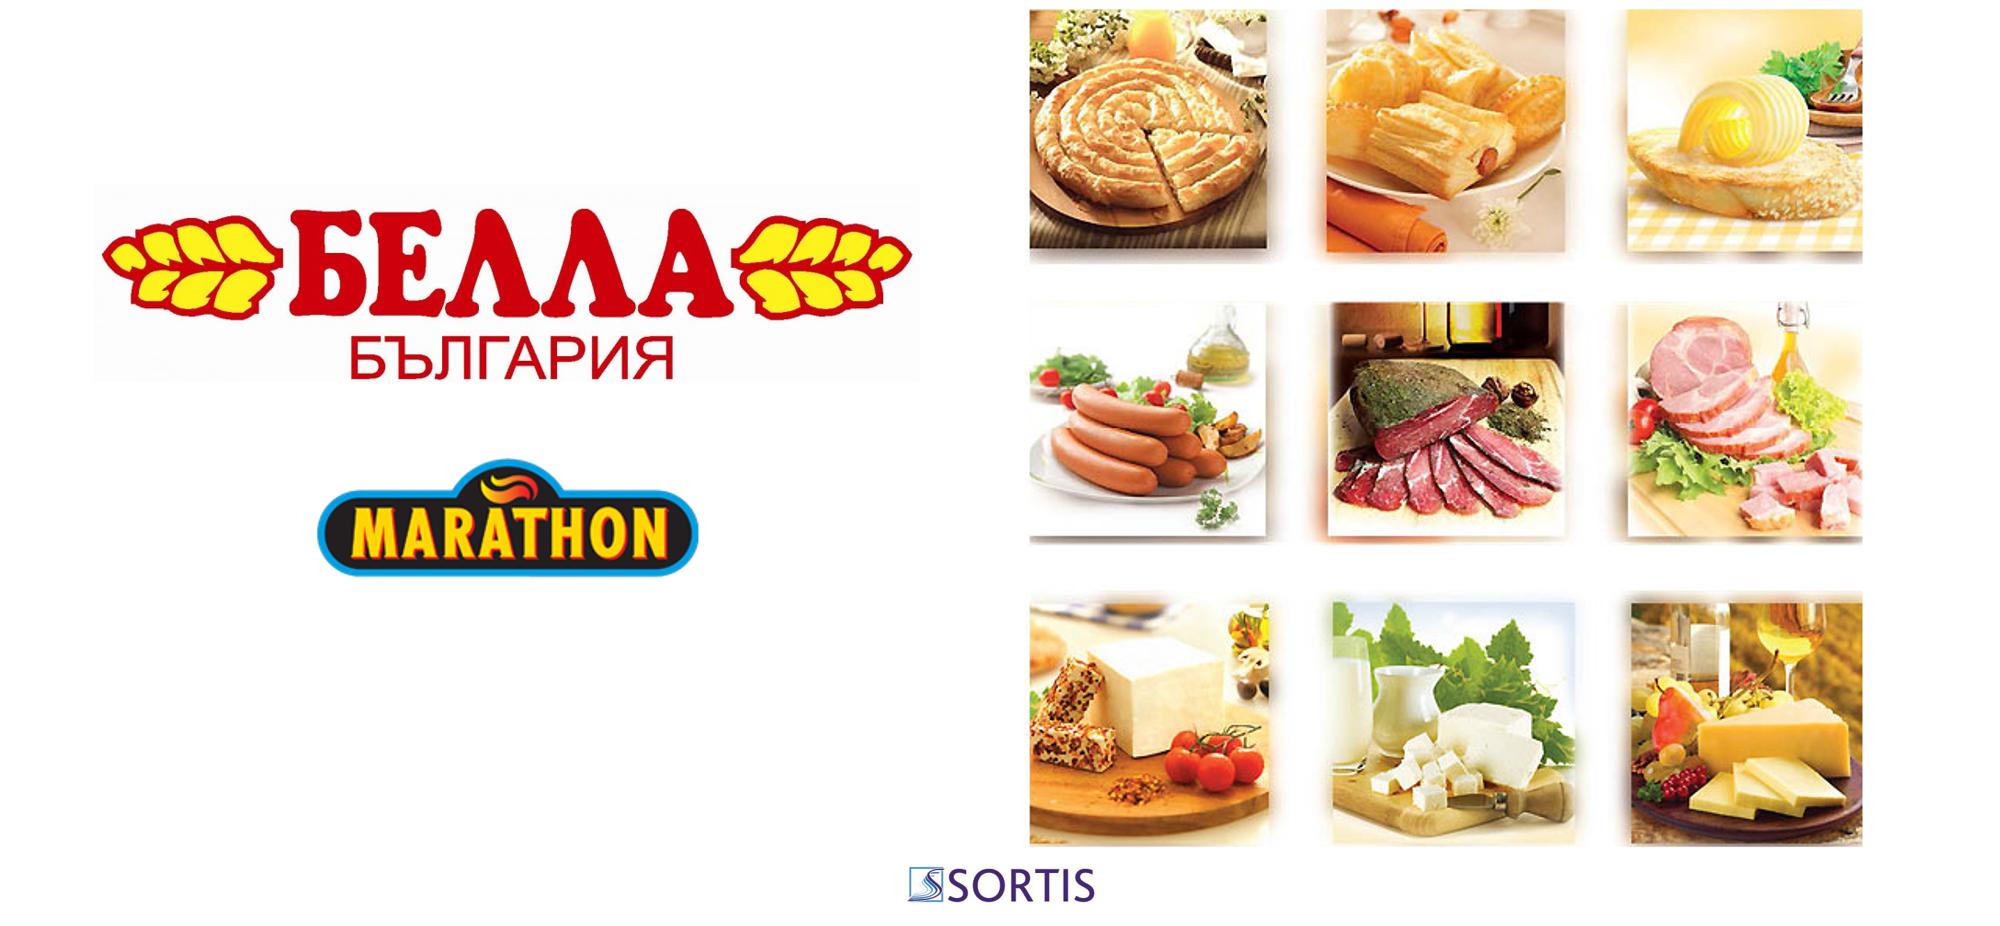 Bella Bulgaria Acquires the Hungarian Marathon Foods Ltd for €6.1 M